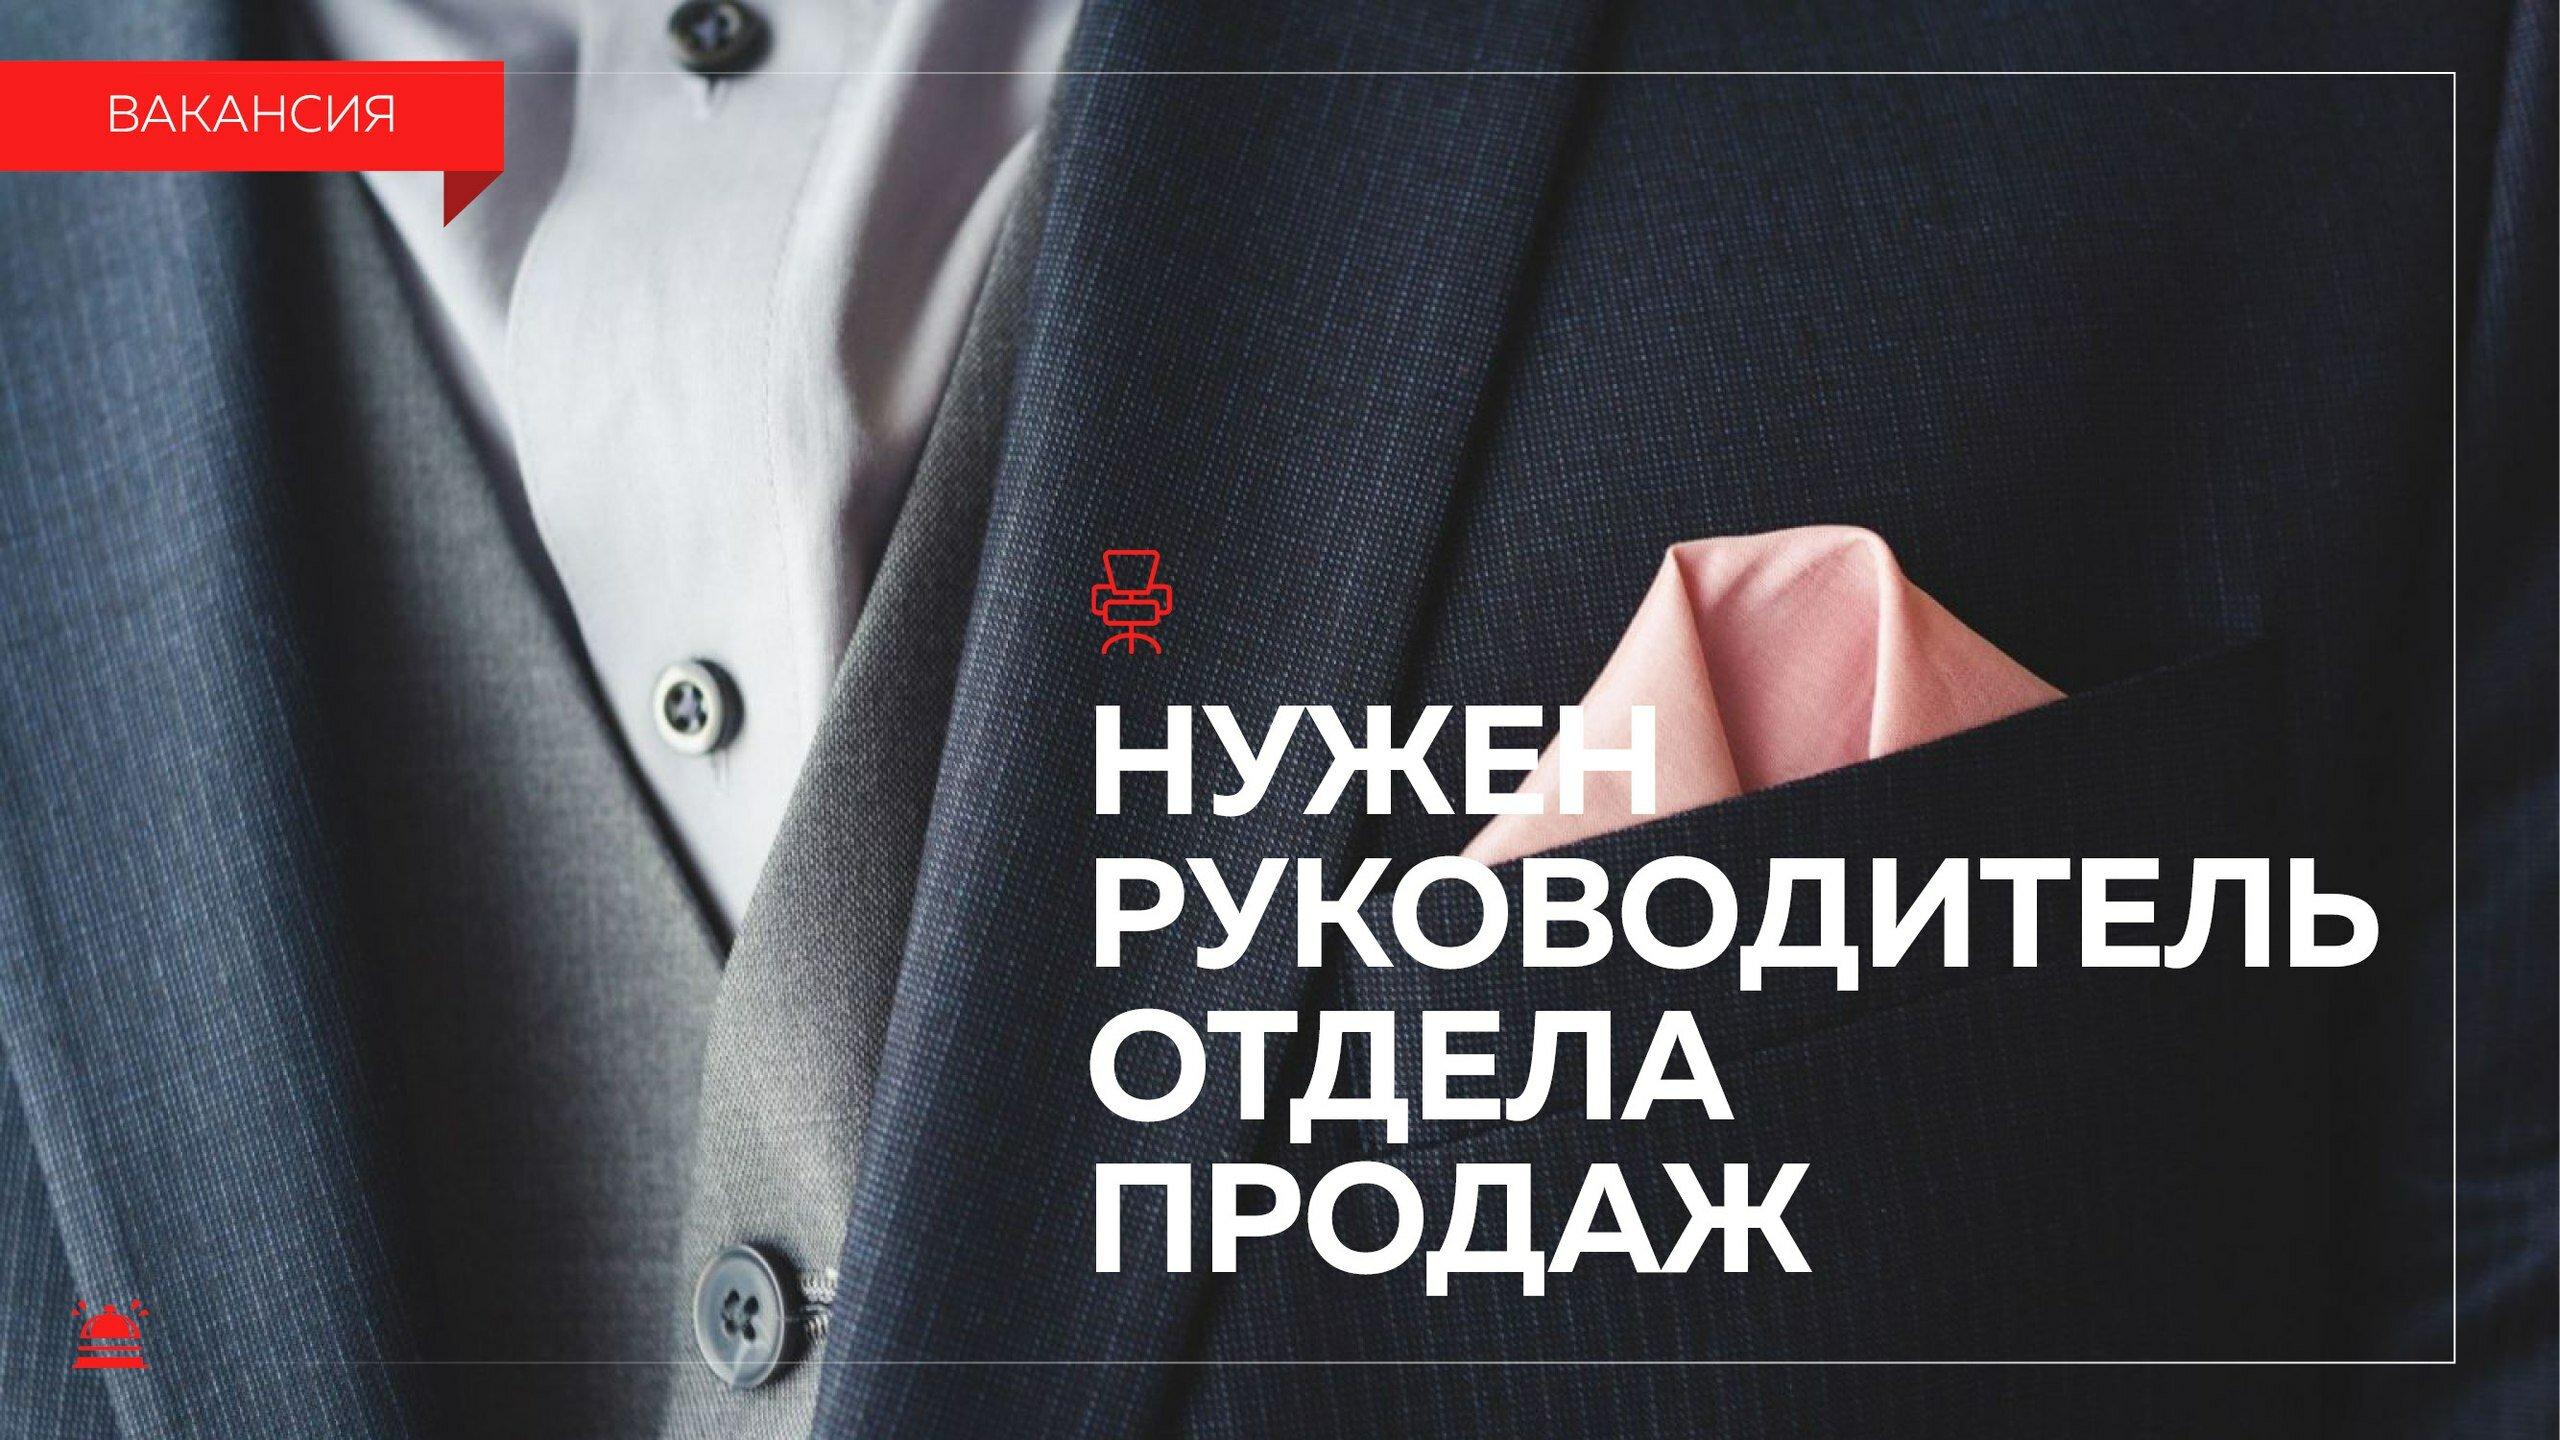 obyazannosti-rukovoditelya-otdela-prodazh